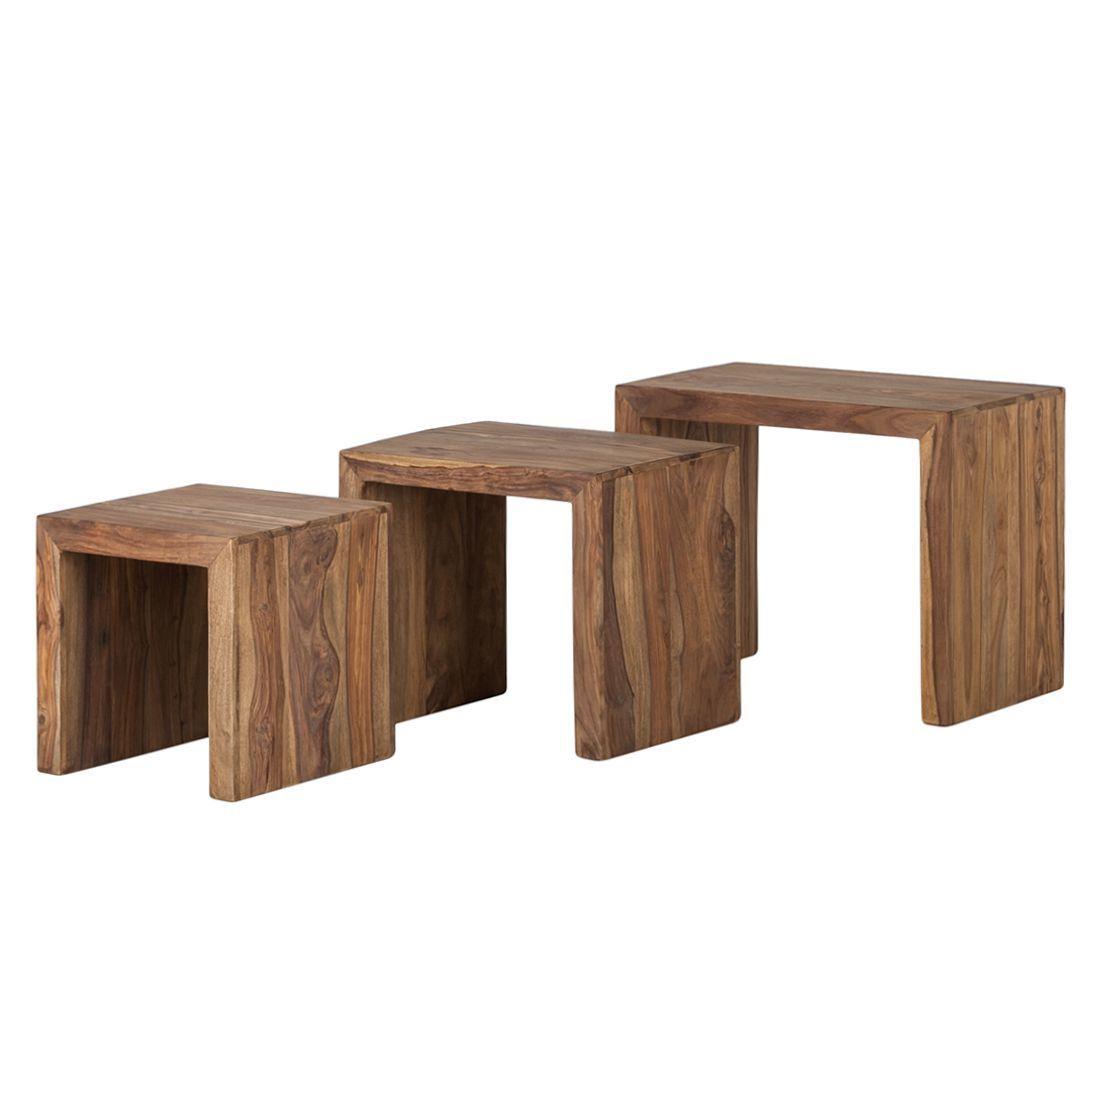 Beistelltisch Yoga 3er Set Sheesham Massiv Natur Wolf Möbel Jetzt Bestellen Unter Https Moebel Ladendirekt Wohnzimmertische Couchtisch Beistelltische